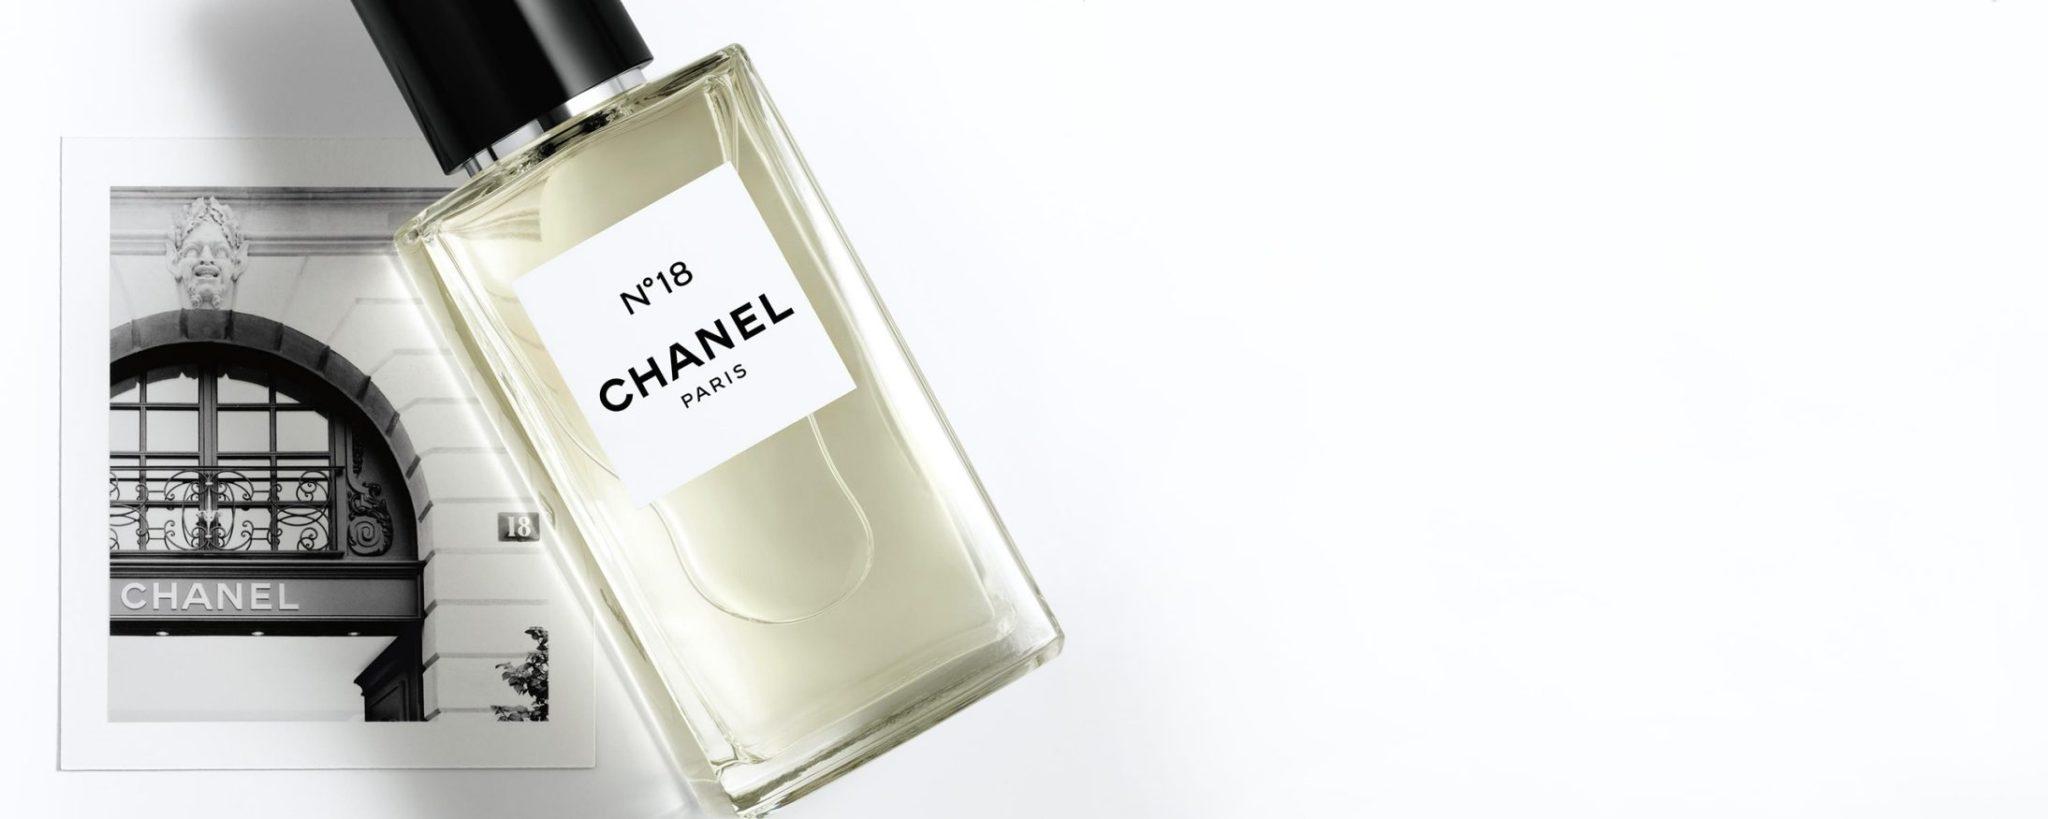 Chanel Les Exclusifs N°18 eau de parfum Esprit de Gabrielle jeronimodiparigi-dev-esprit-de-gabrielle.pf1.wpserveur.net